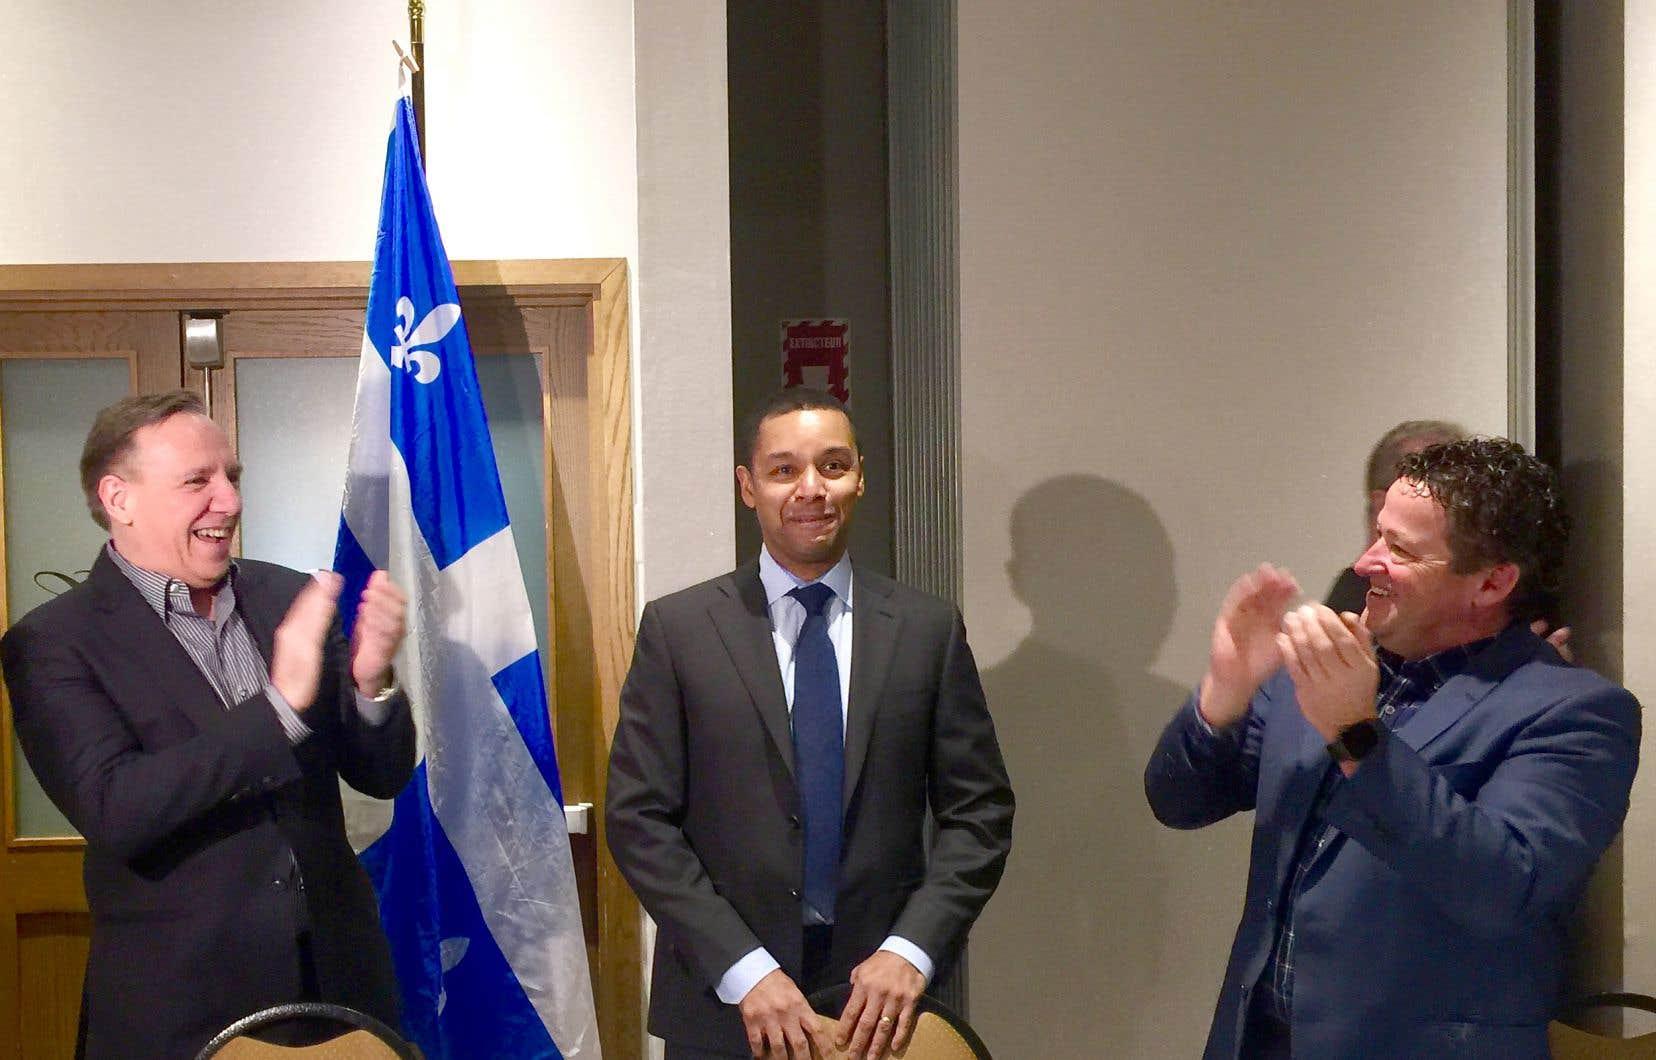 François Legault et ses députés ont réservé un accueil digne d'un candidat vedette à Lionel Carmant, qui n'a toutefois pas encore confirmé qu'il porterait les couleurs de la Coalition avenir Québec lors des prochaines élections générales.